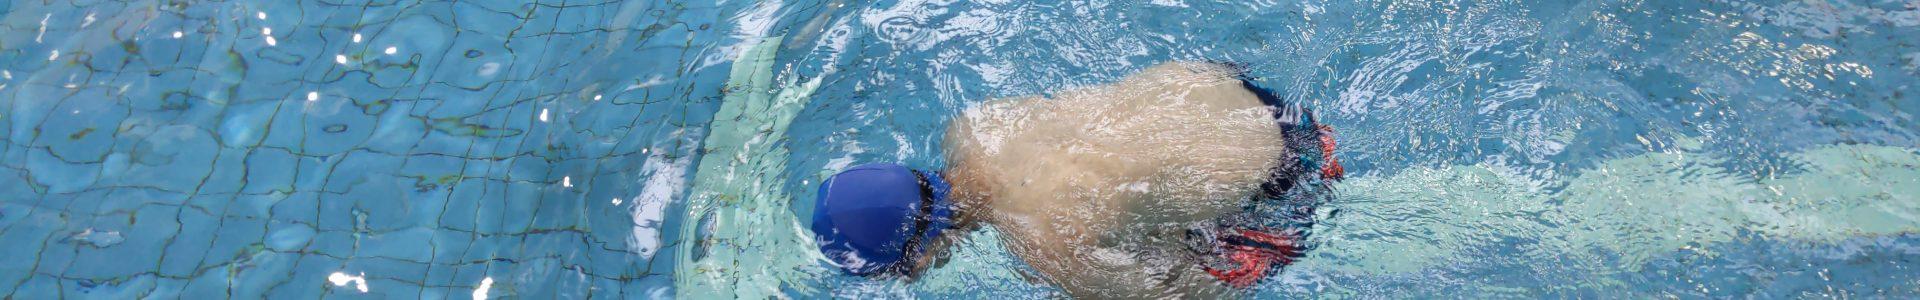 關於水中自救的迷思:為什麼溺水時不應該做水母漂?